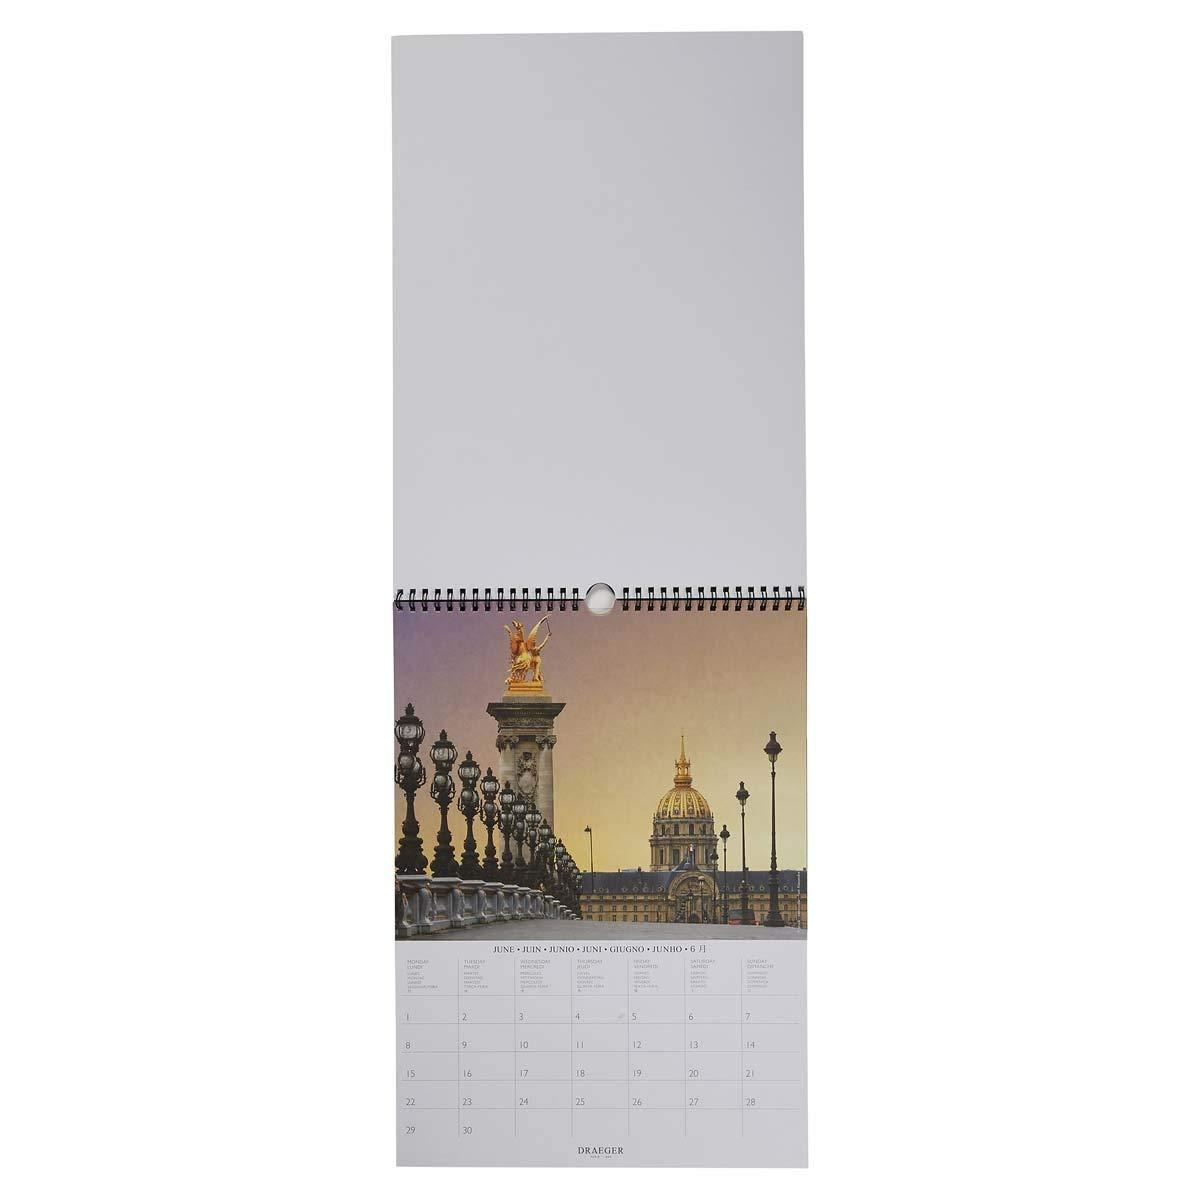 Grille Mensuelle Draeger Calendrier Mural D/éco Monde 2020 Encre V/ég/étale Certifi/é FSC Mixte Calendrier 2020 Mural D/éco Grand Format 29x39cm 7 Langues